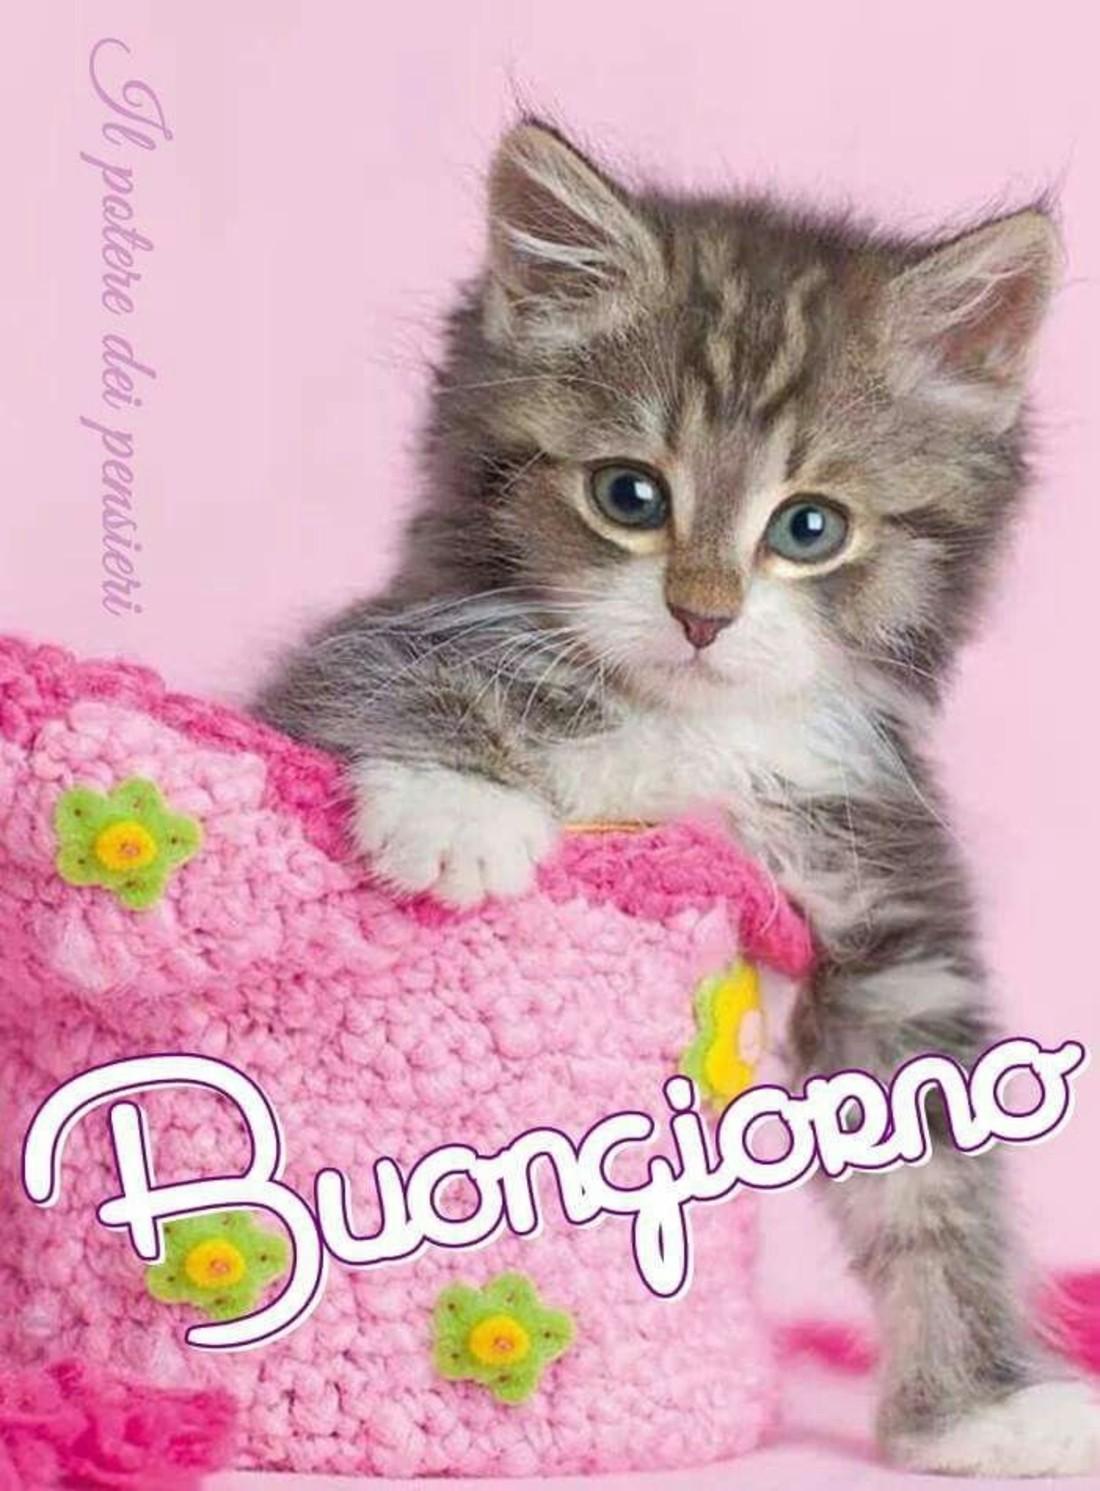 Buongiorno Con Tenero Gattino Buongiornocolsorrisoit